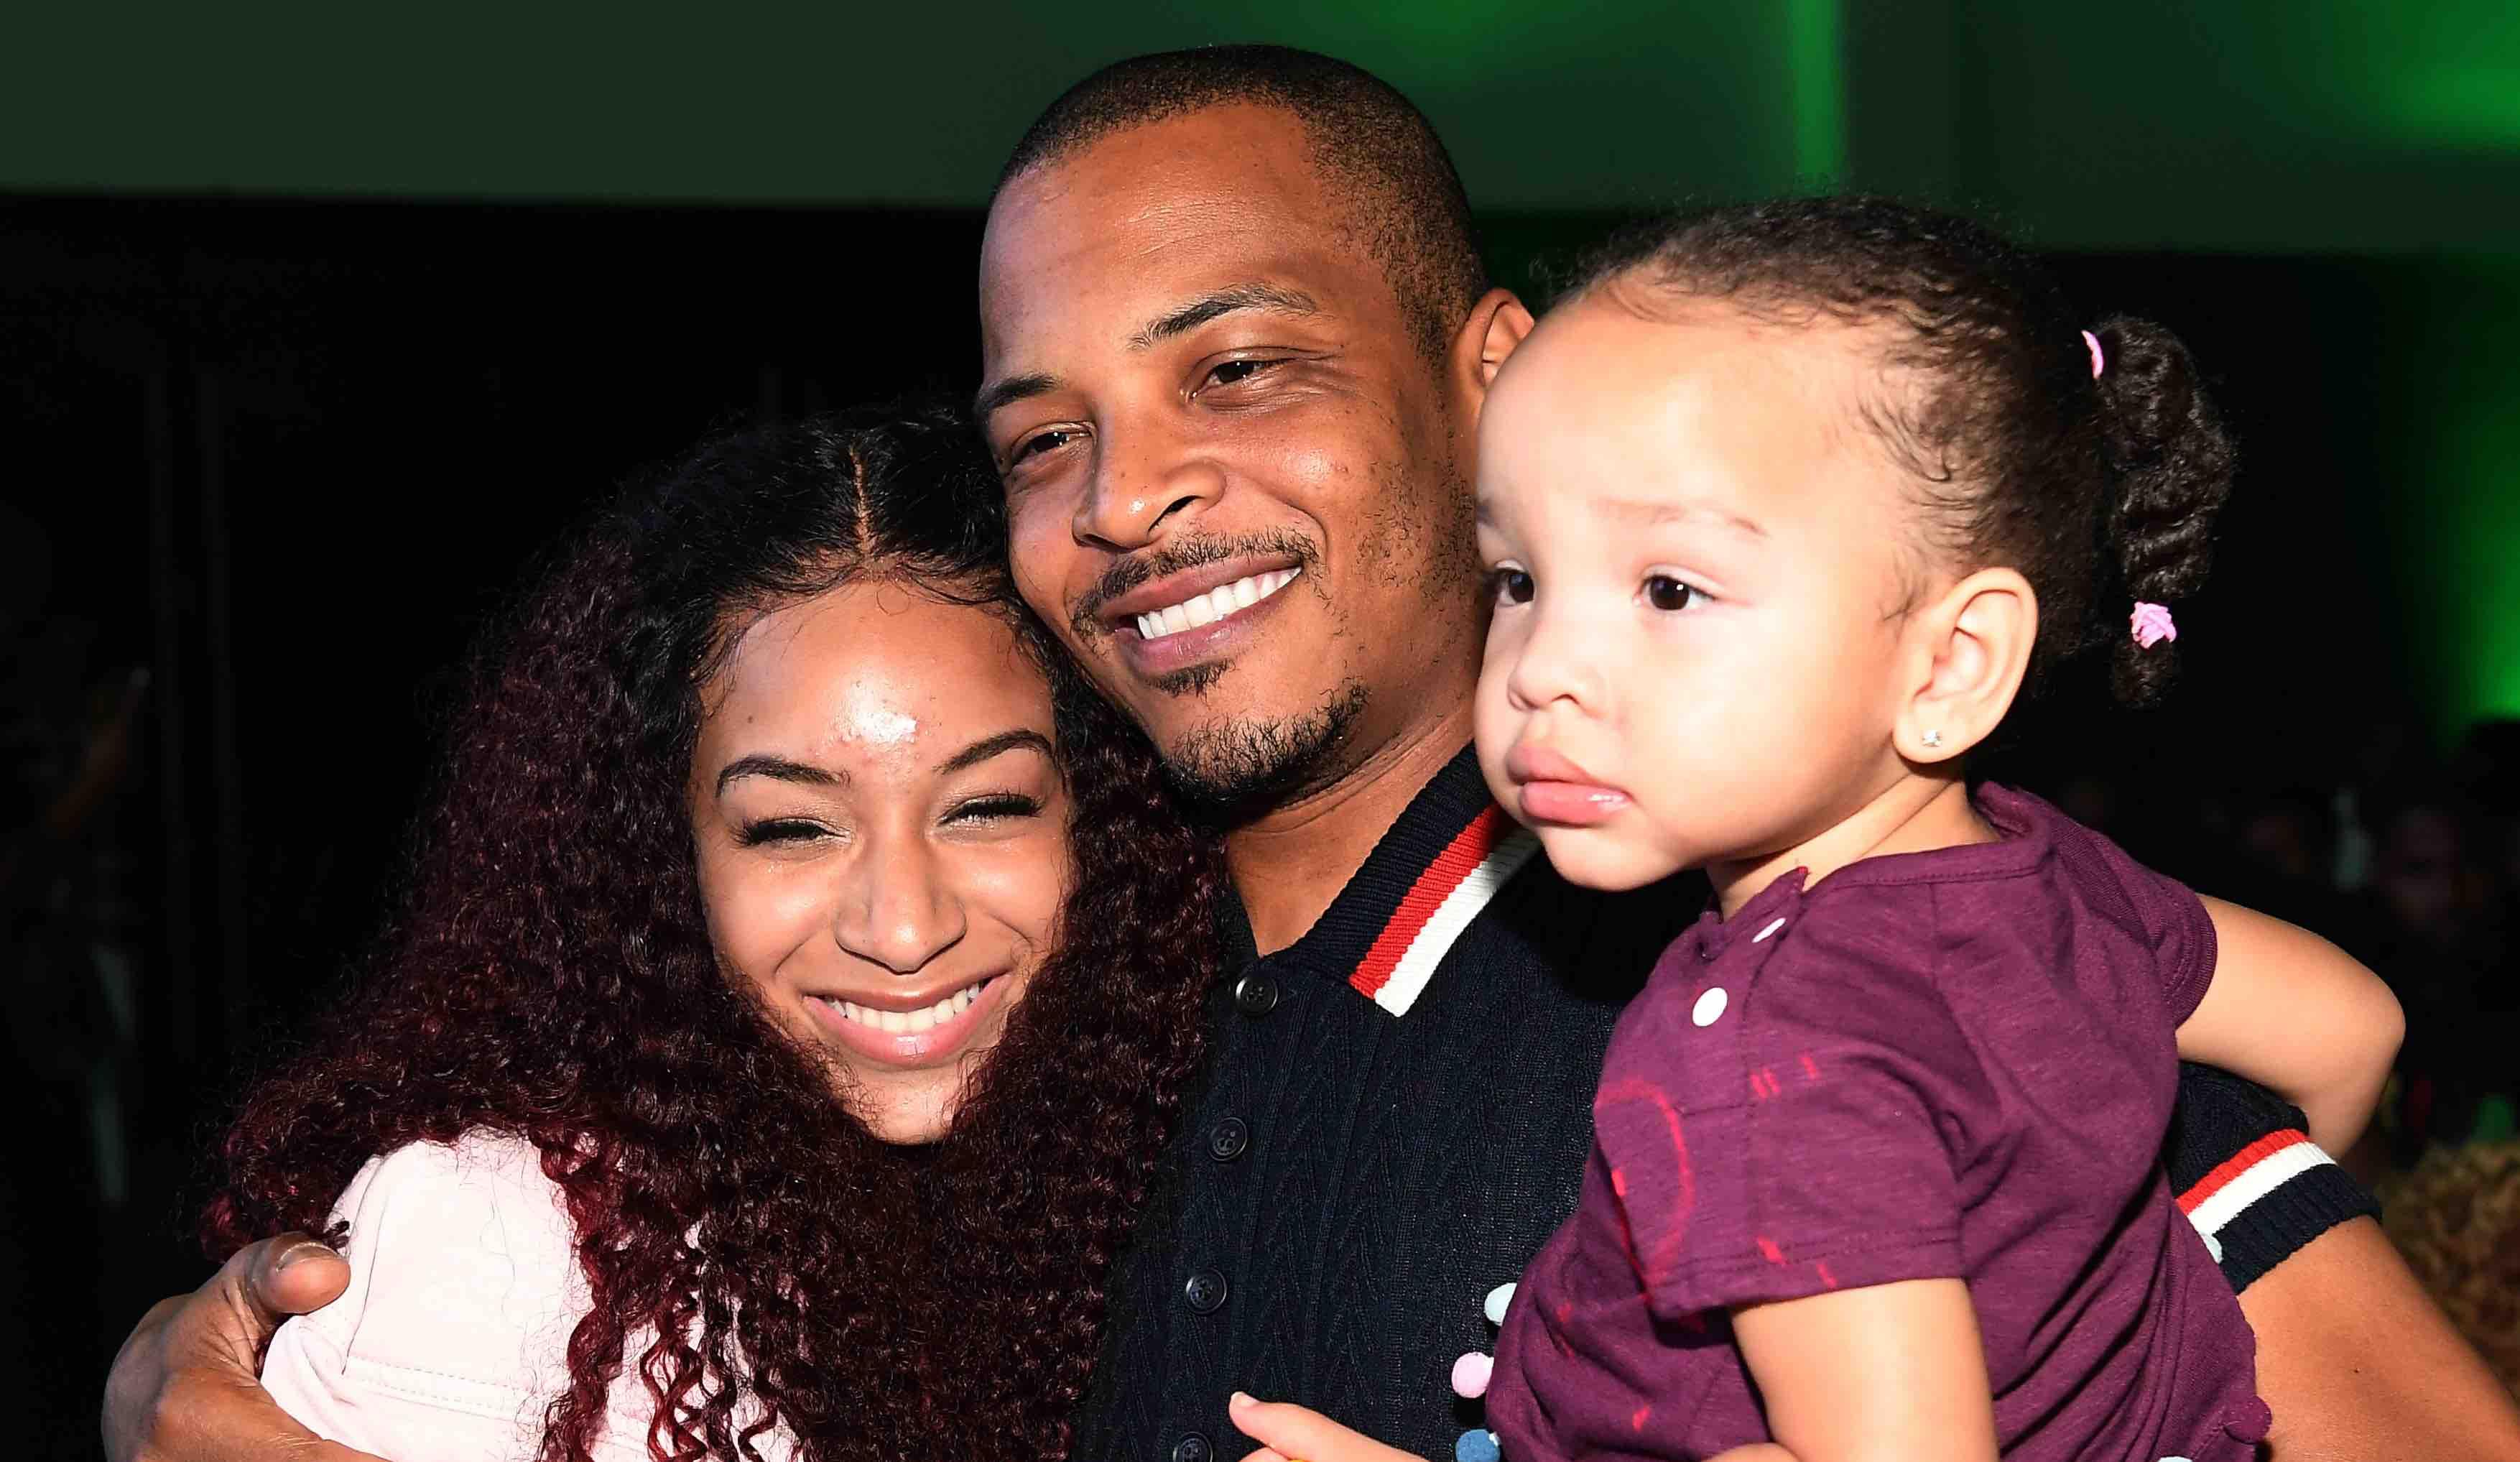 Inszeniert sich gerne als Familienmensch: T.I. mit seinen Töchtern, links Deyjah Harris